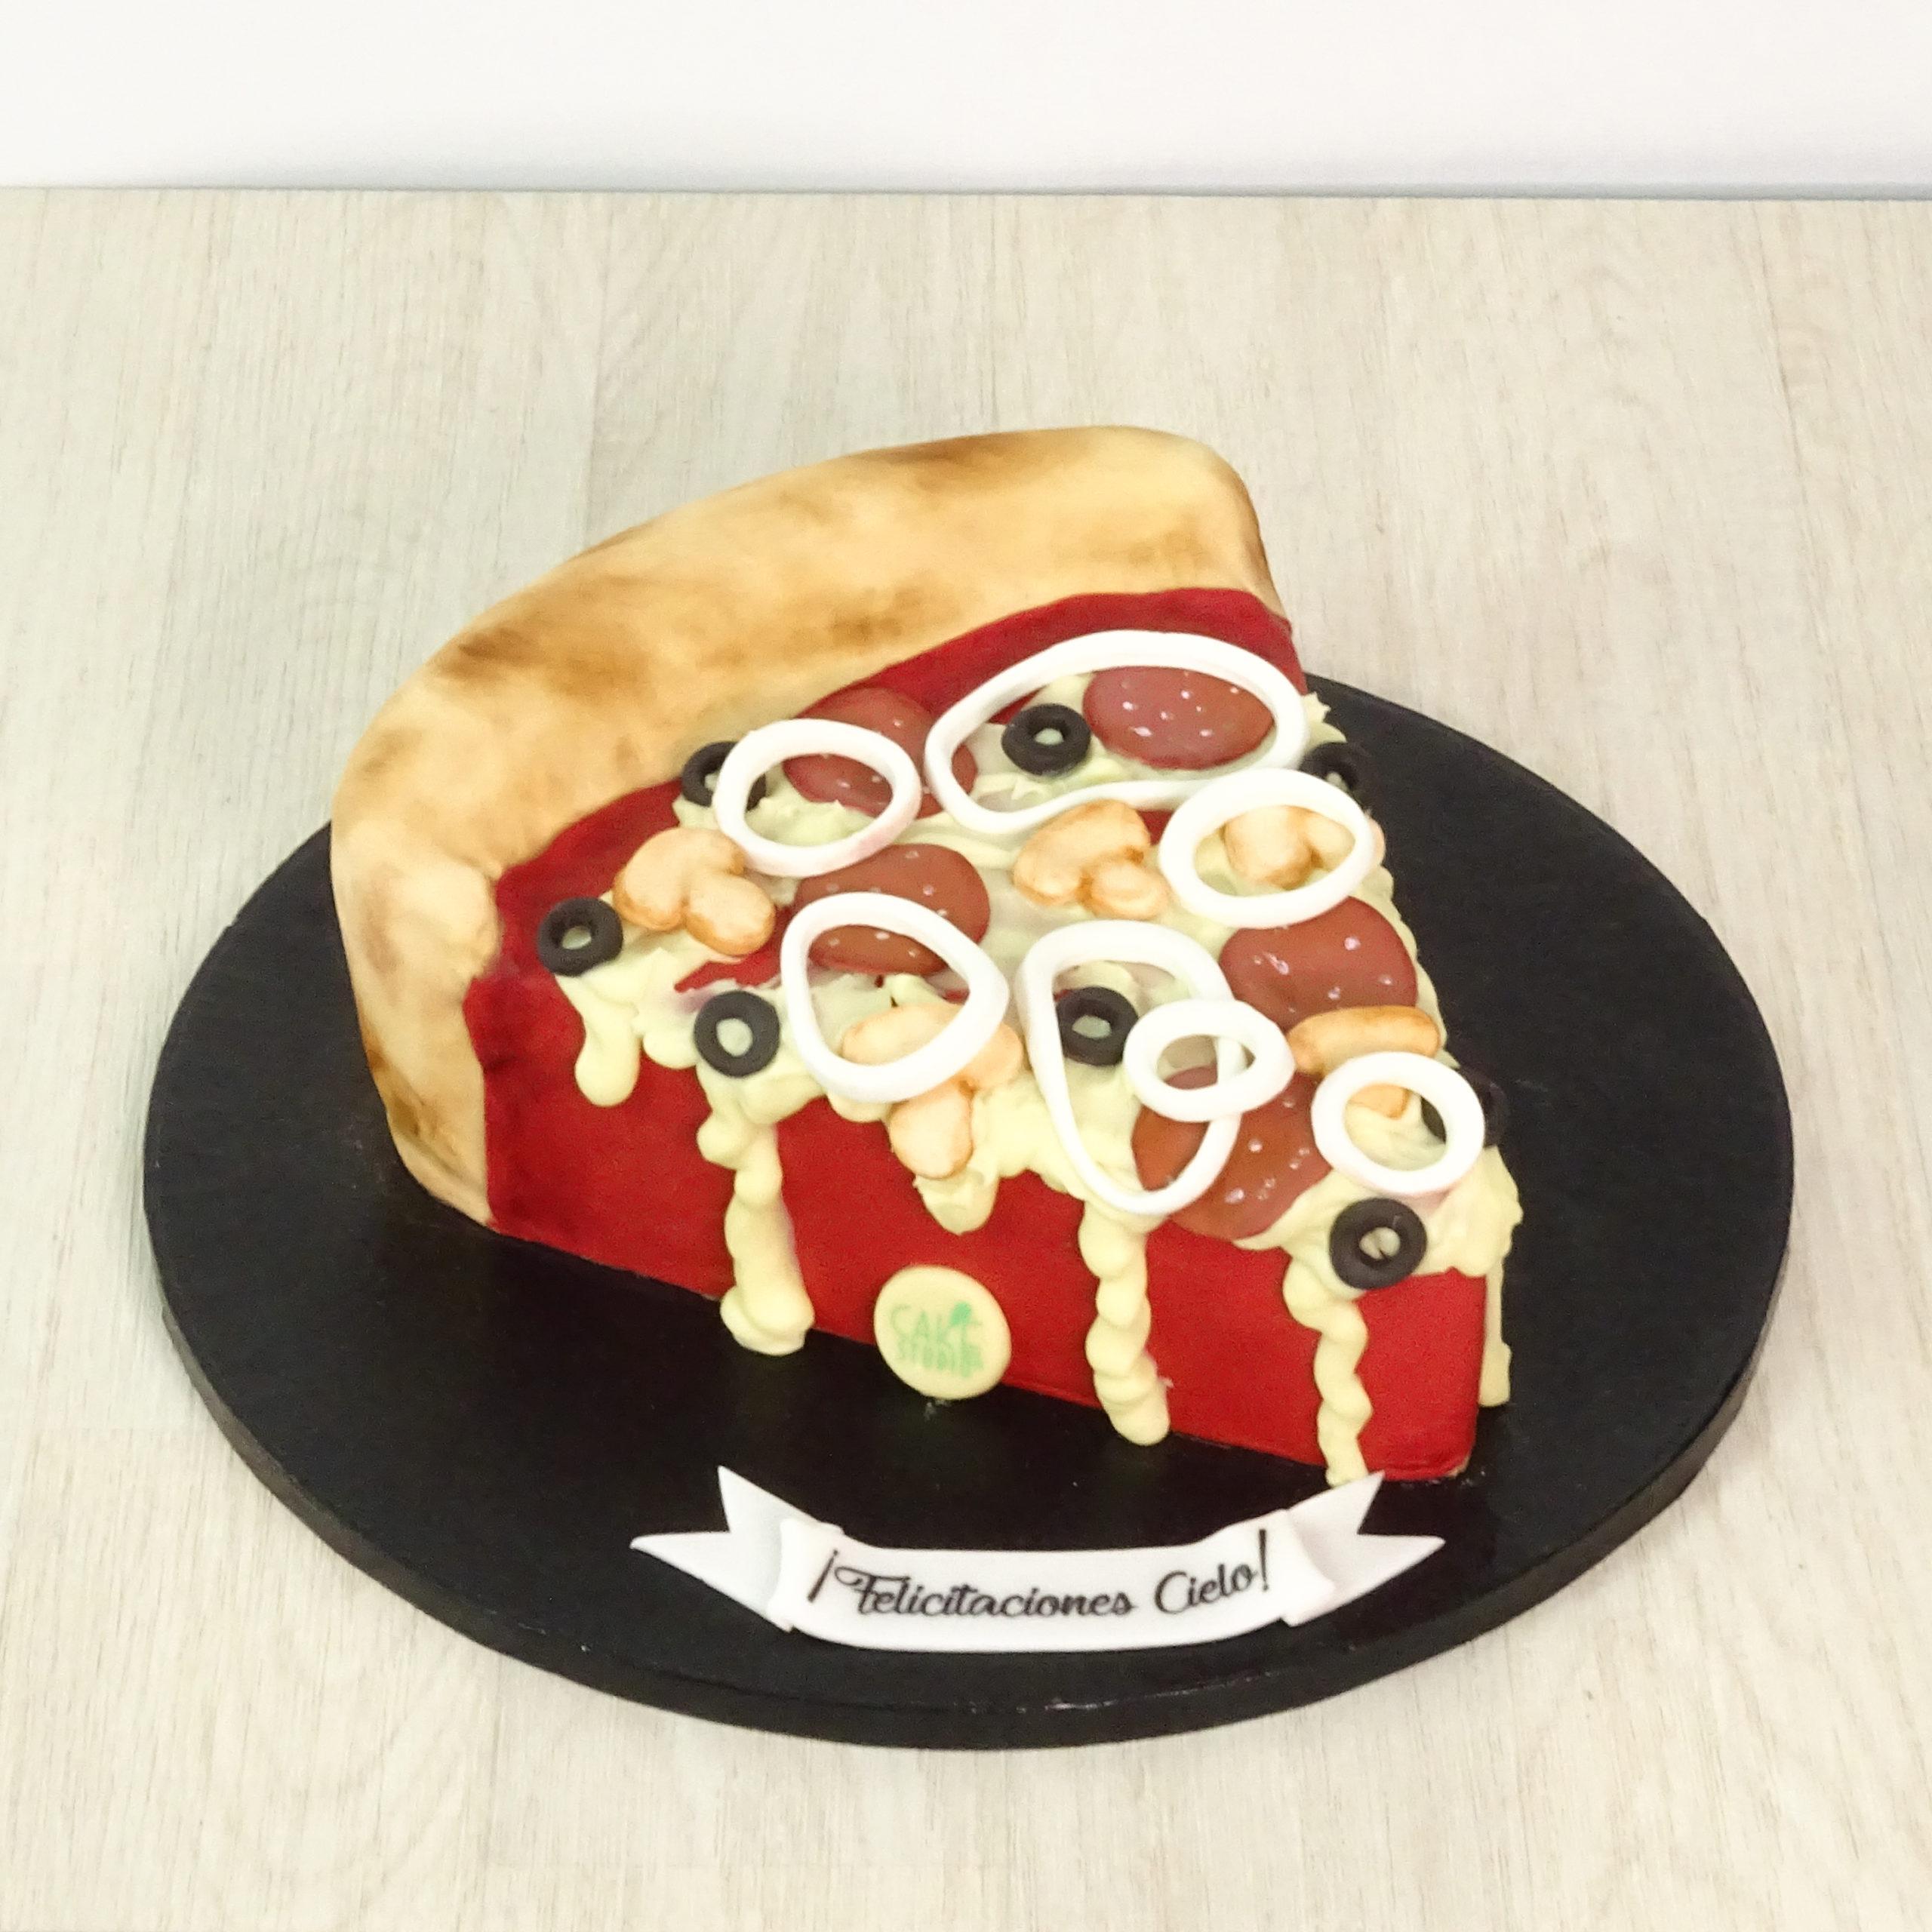 torta compleanno trancio pizza pomodoro mozzarella olive salame cipolla